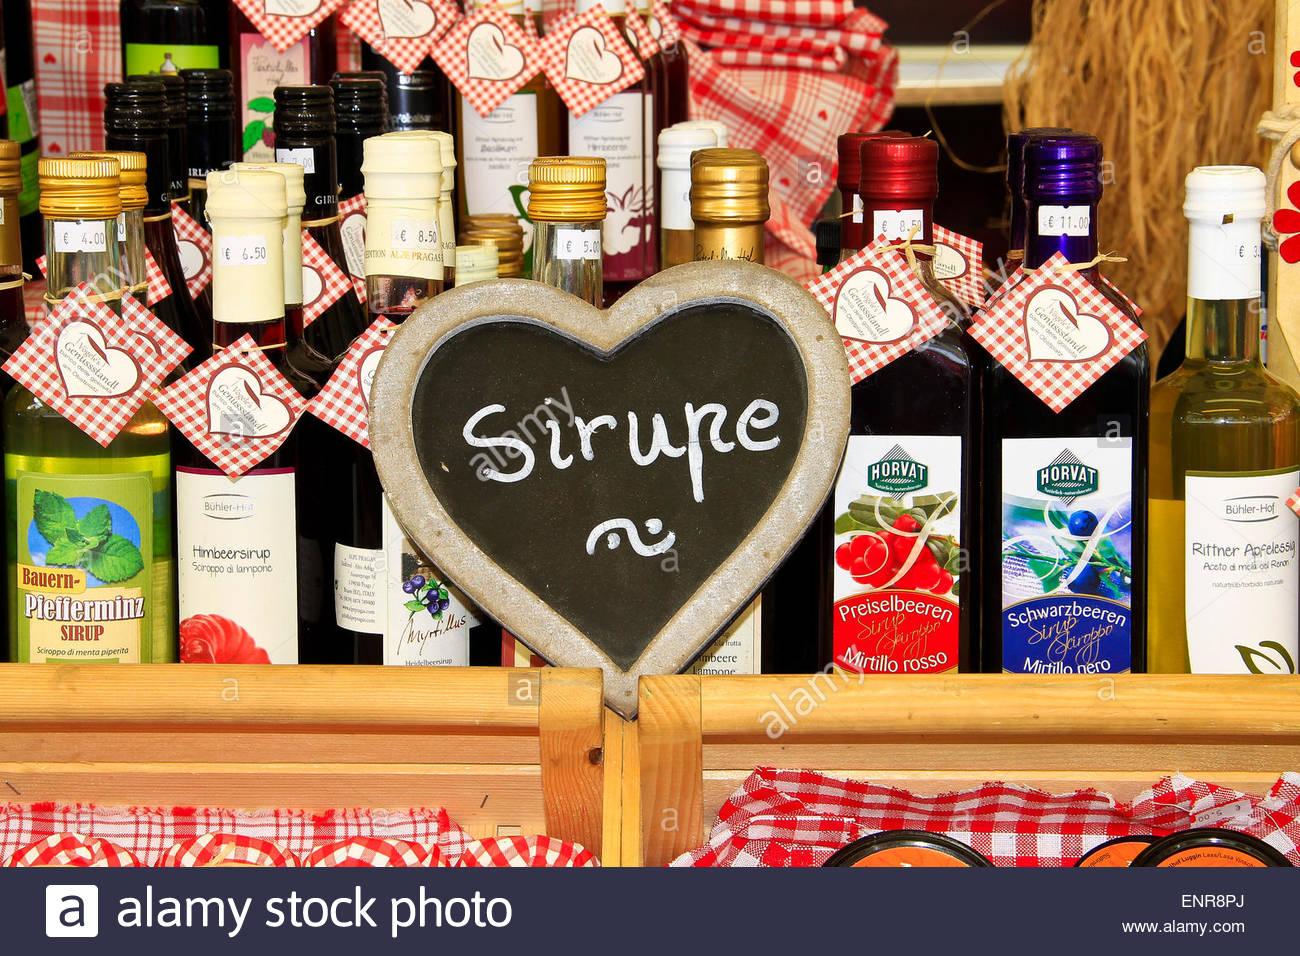 Flaschen-Sirupe, hübsche Etiketten, deutsche Getränke, Bozen, Bozen ...